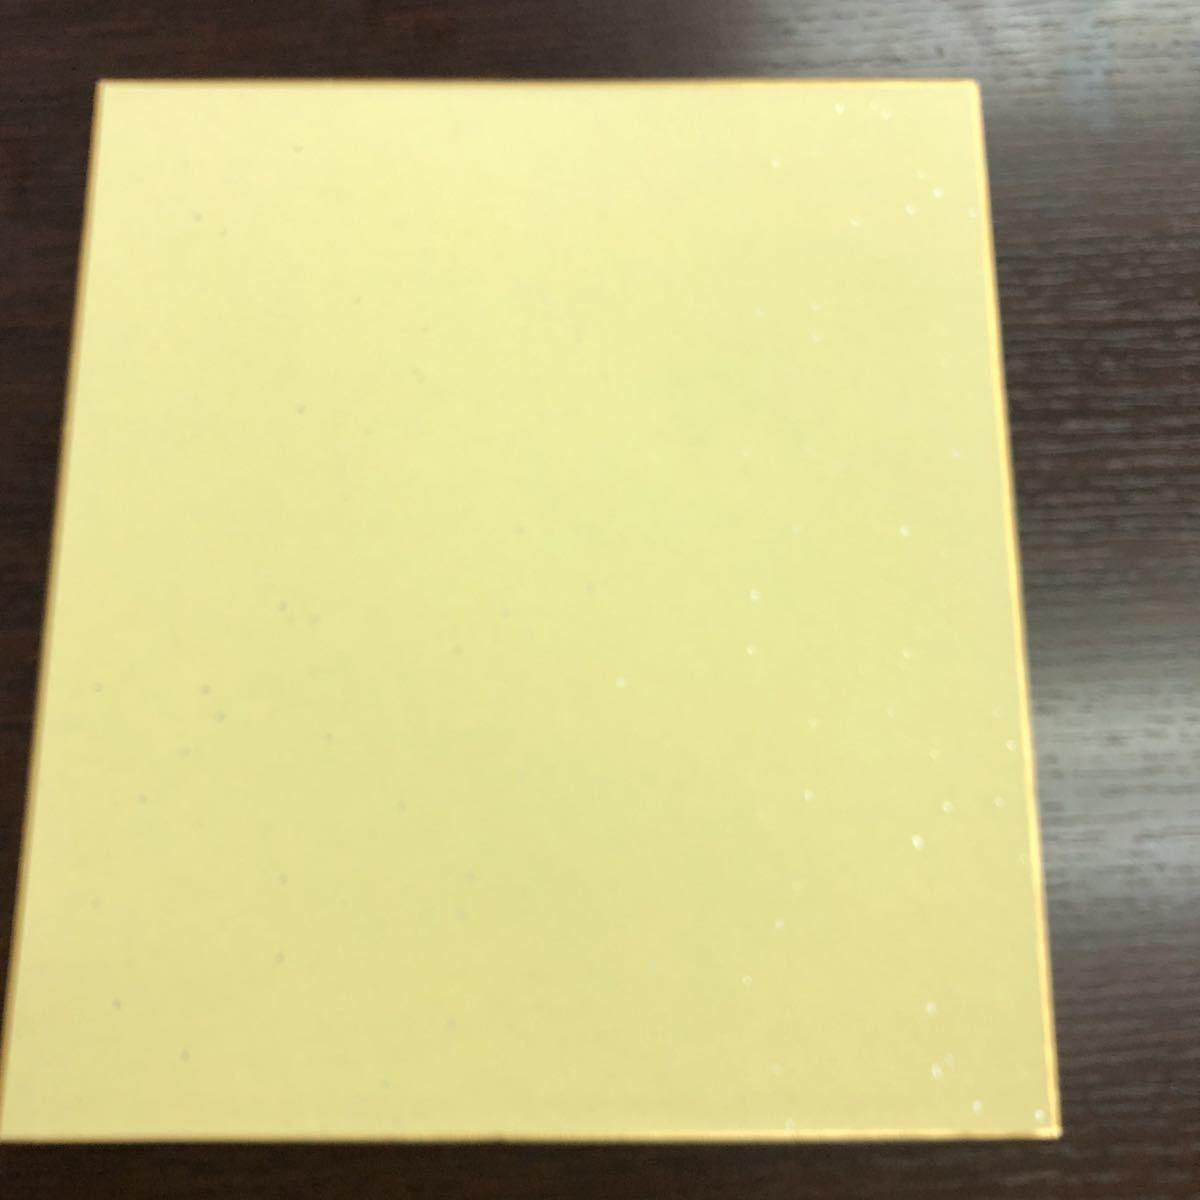 広島東洋カープ 小窪哲也選手 12番時代 直筆サイン色紙 カープ球団 認定 ロゴ色紙と_画像5